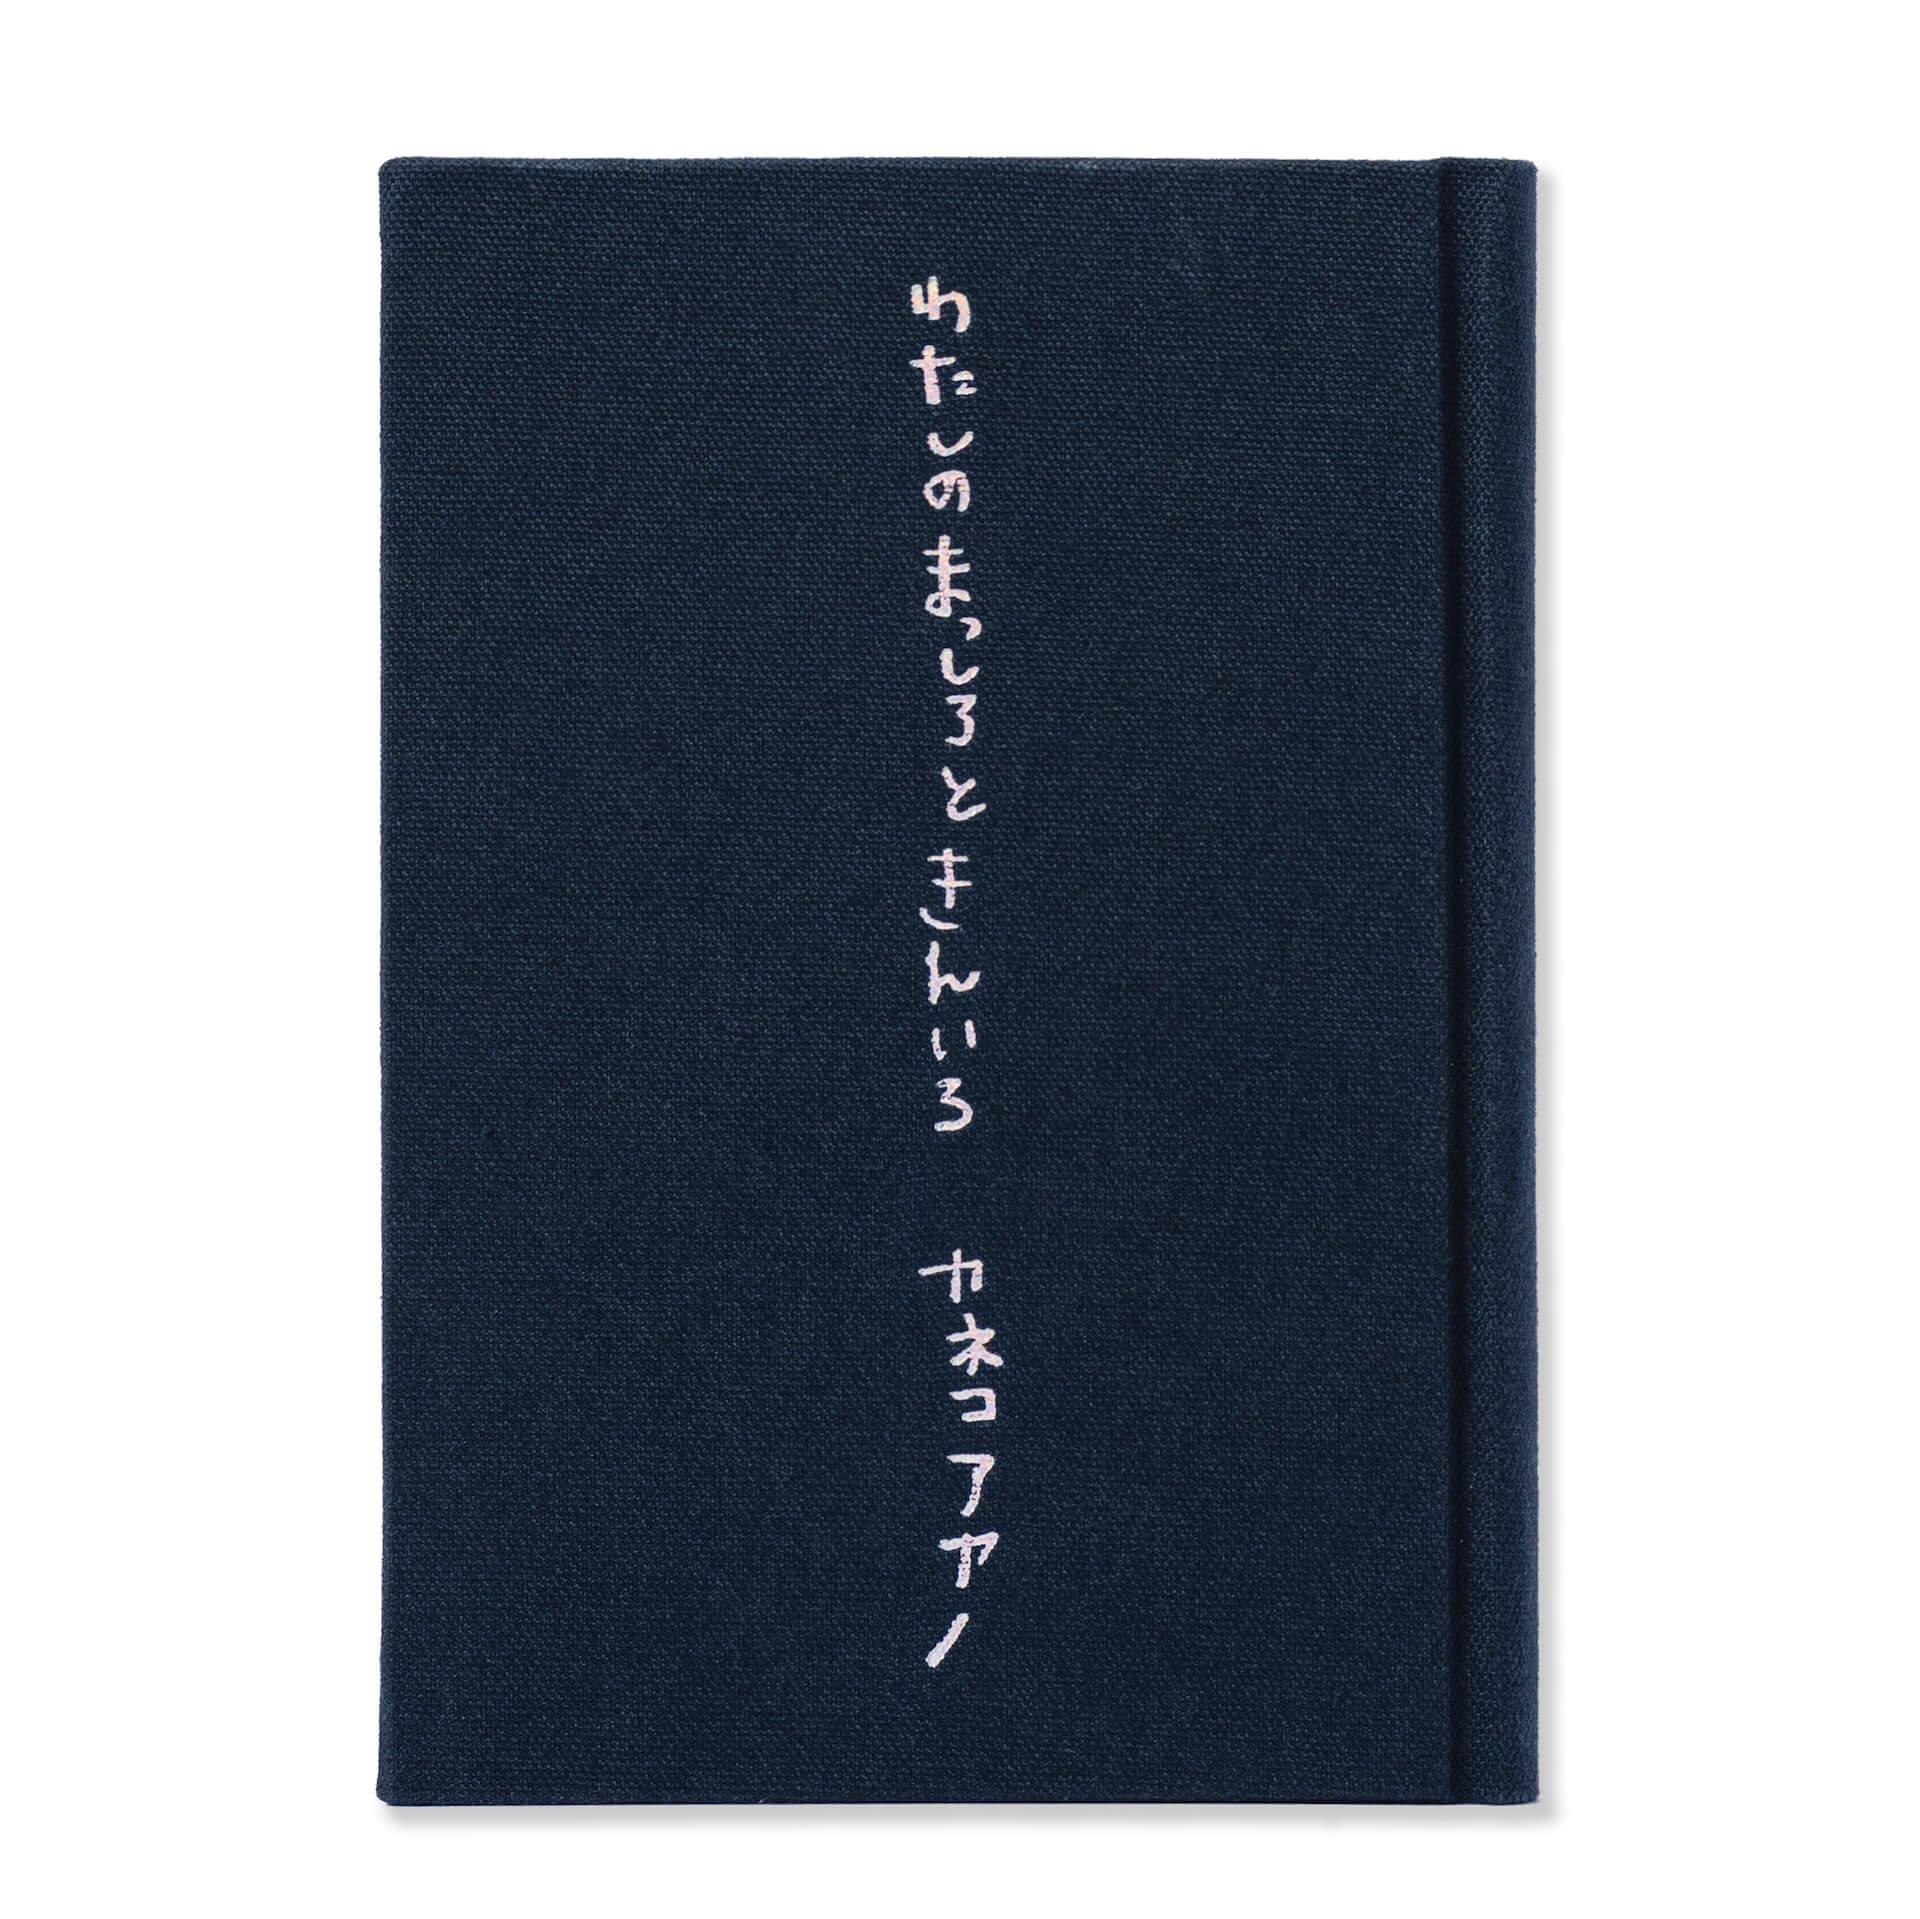 カネコアヤノが初の詩集『わたしのまっしろときんいろ』を発売 art-culture190902-kanekoayano-3